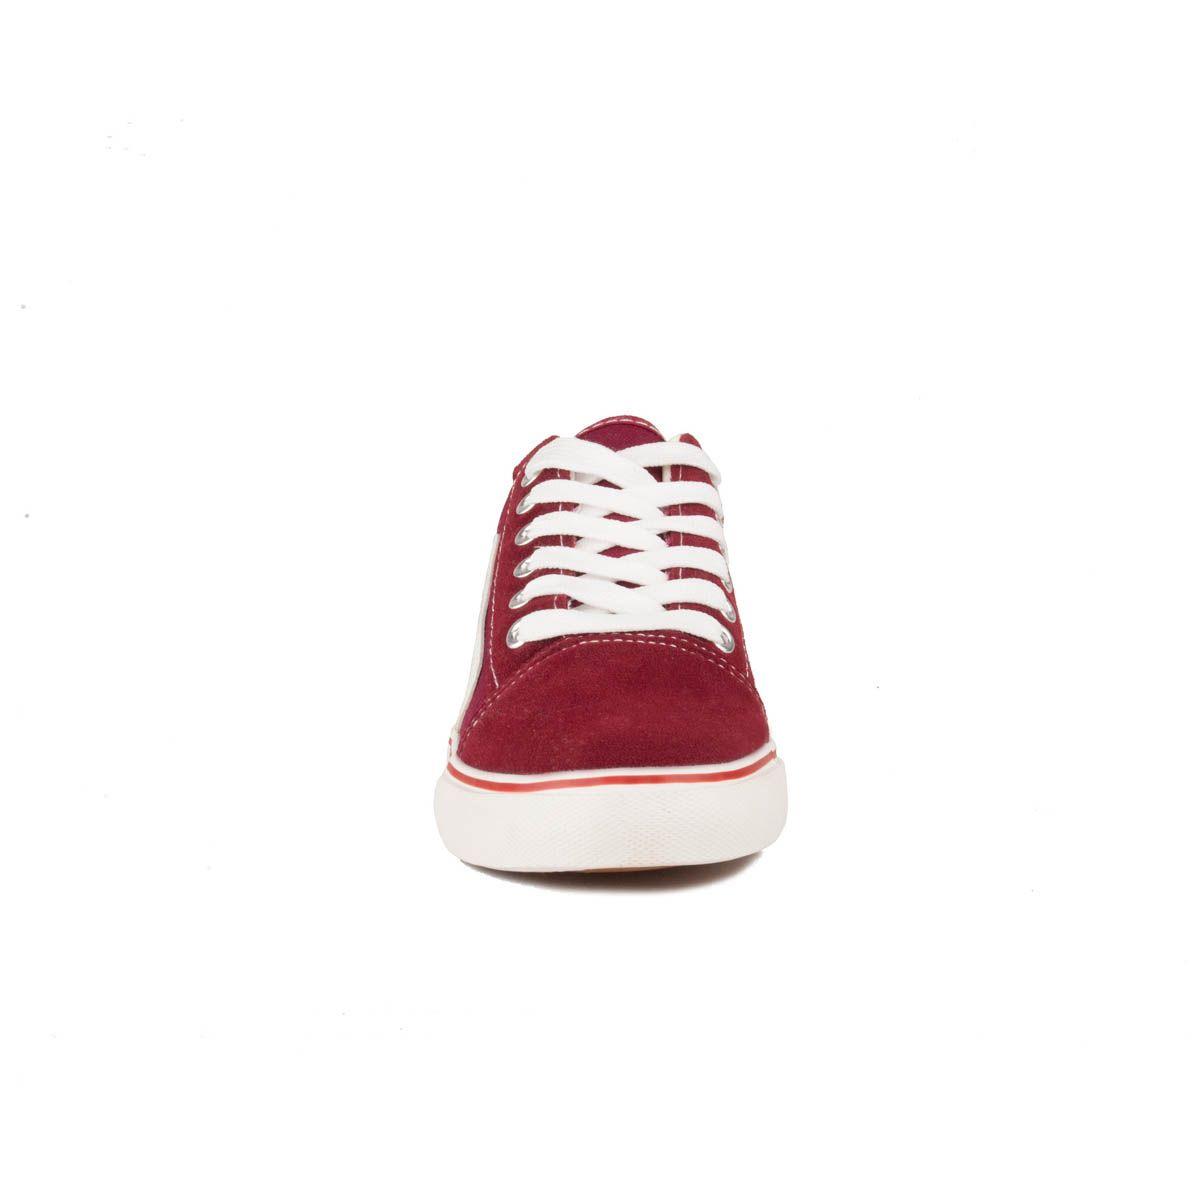 Montevita Sneaker in Bordo